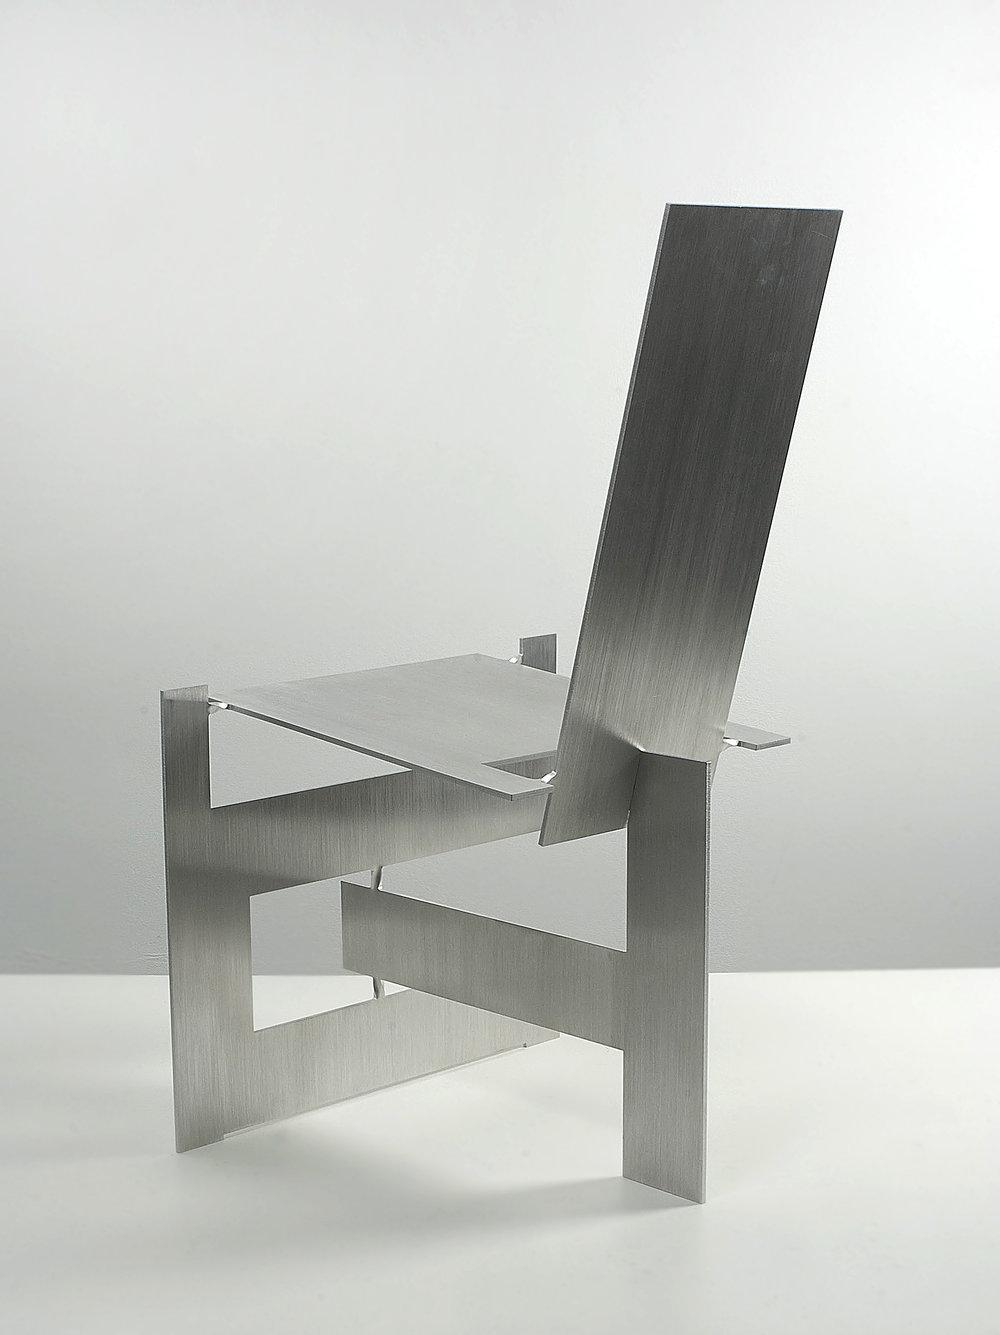 Kadushin-Flatveld chair 5.jpg